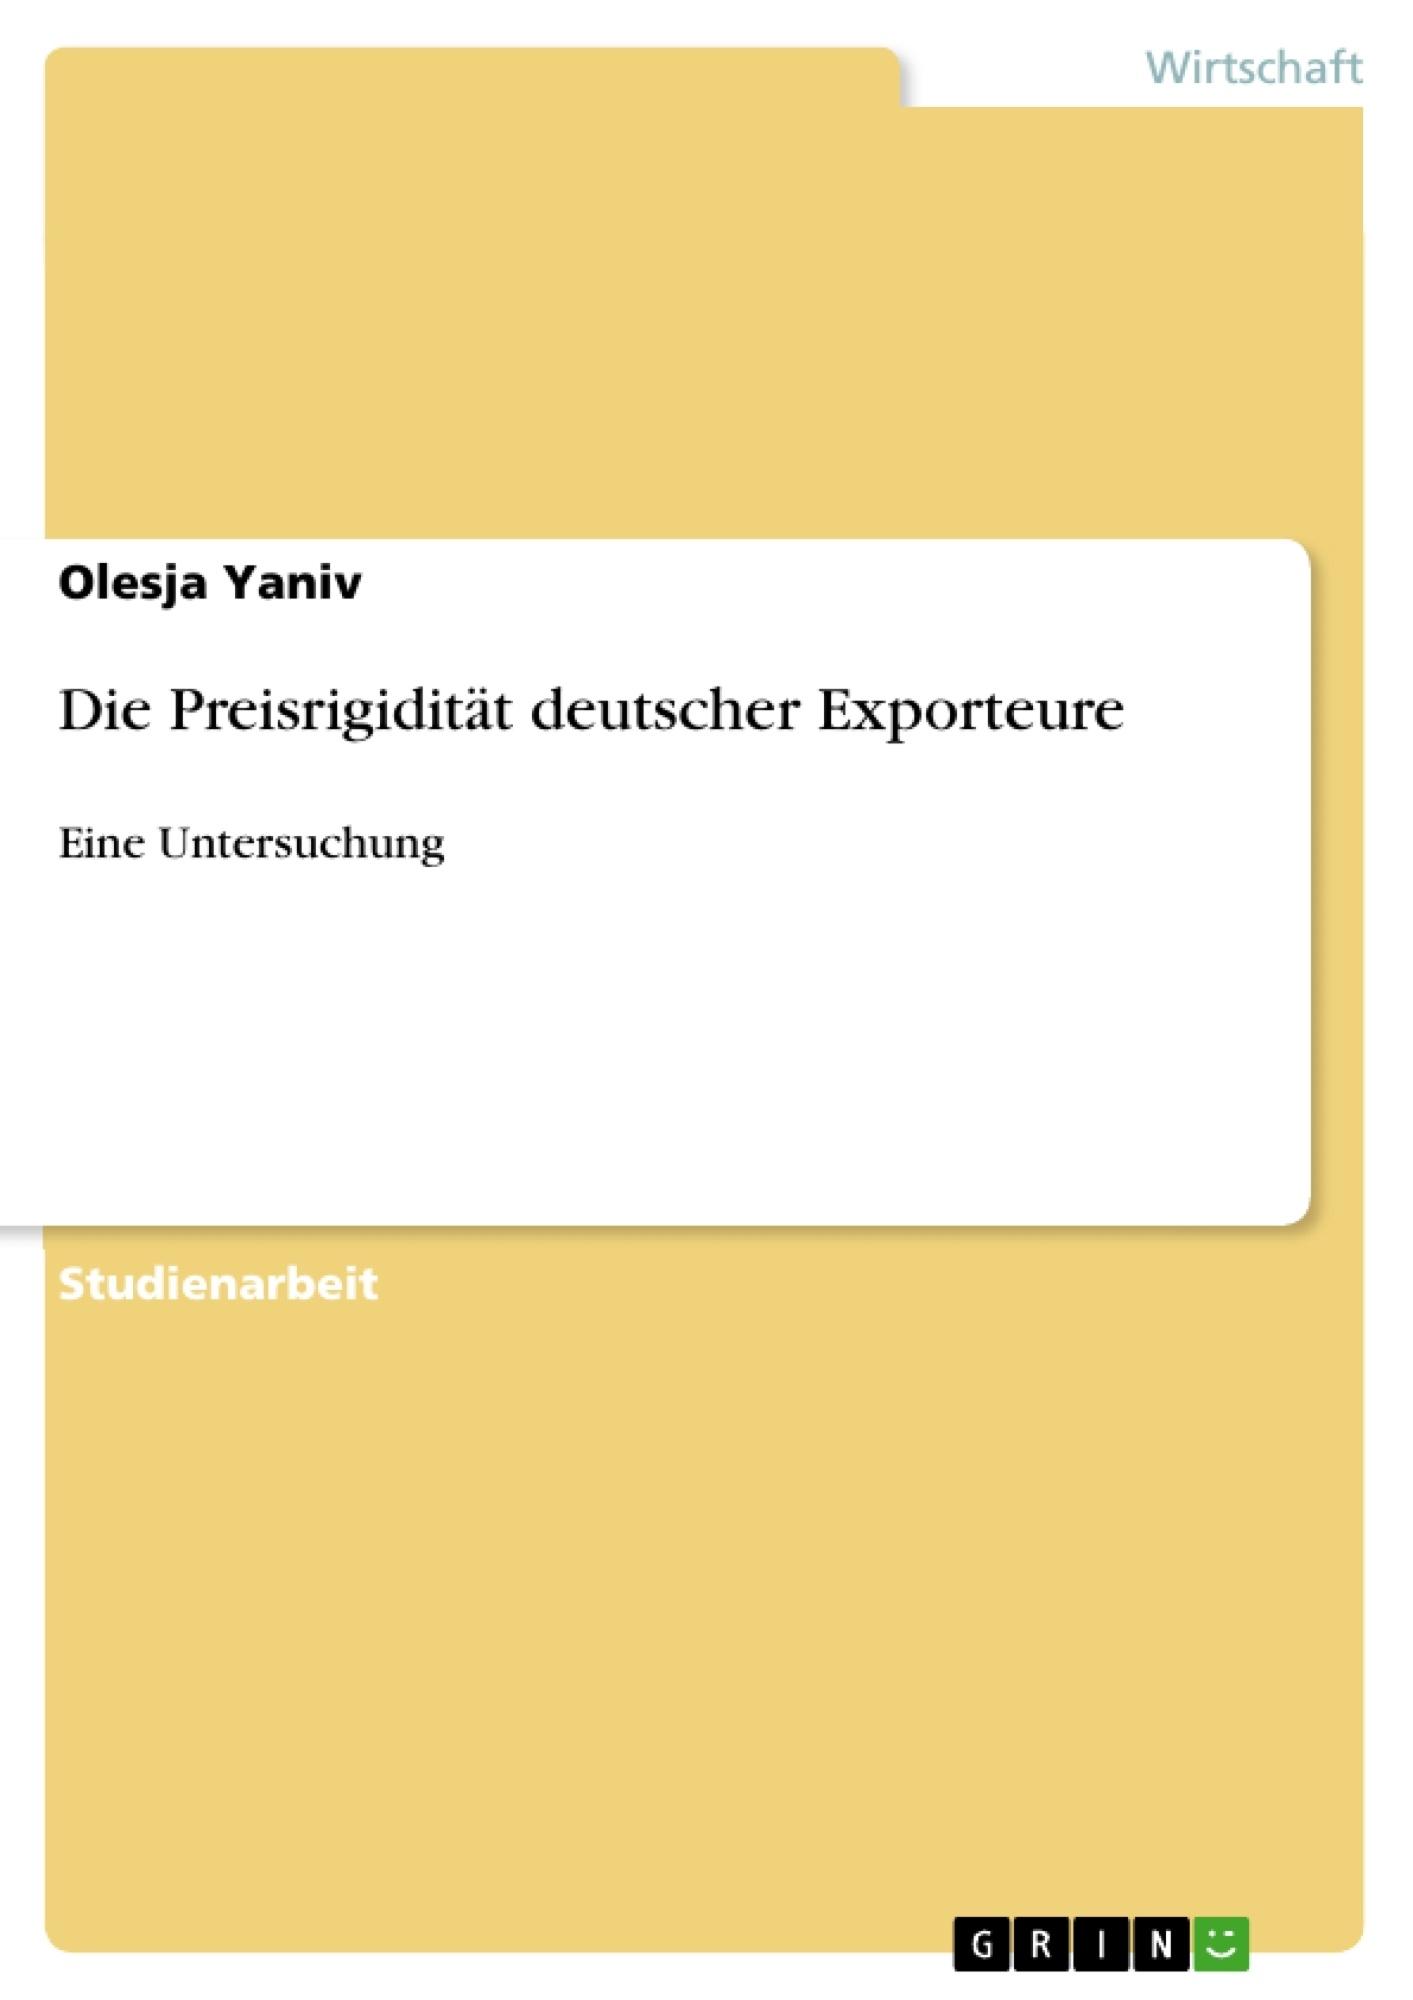 Titel: Die Preisrigidität deutscher Exporteure